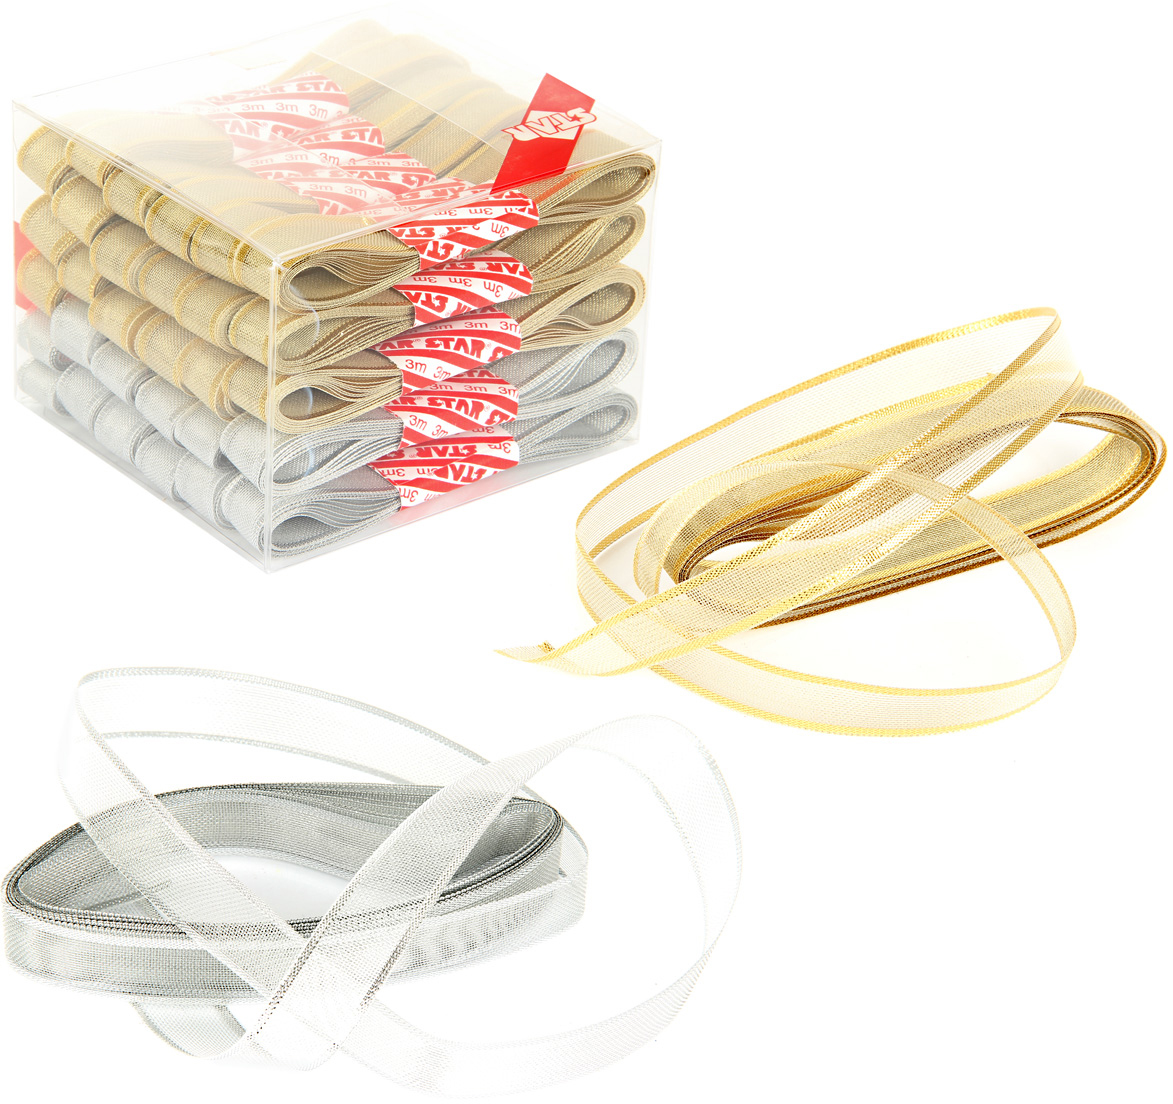 """Набор декоративных лент """"Veld-Co"""" - незаменимый элемент для  создания произведений  скрап-искусства. Такие ленты идеально подойдут для оформления  творческих работ, декорирования коробок, альбомов, рамочек, блокнотов,  открыток и других  предметов.  В набор входят 30 лент.   Длина ленты: 3 м. Ширина ленты: 1,6 см."""